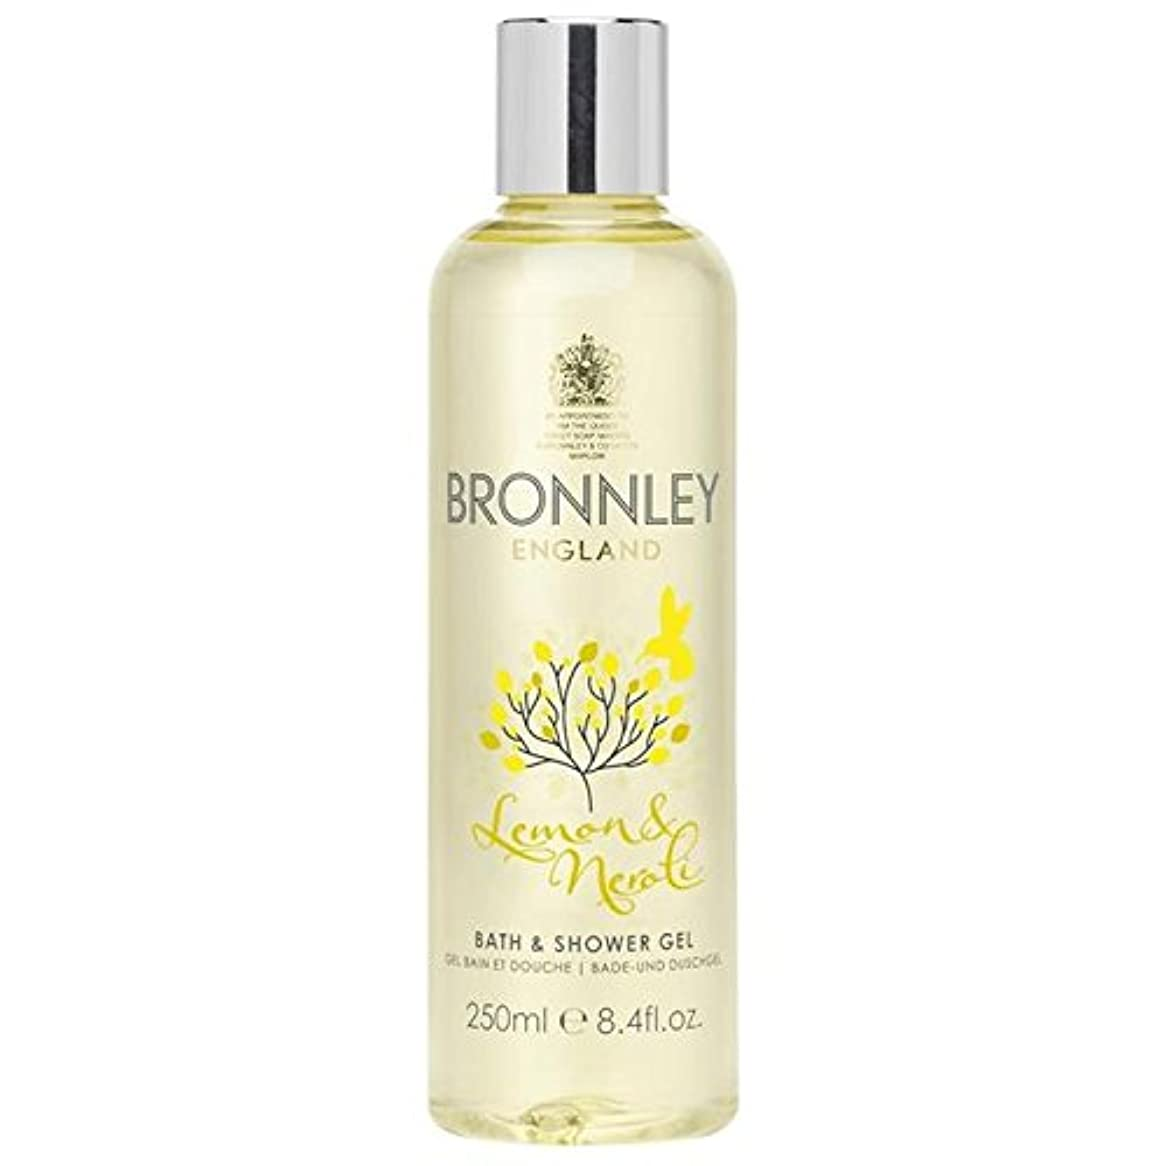 プランターナラーバーカートリッジレモン&ネロリバス&シャワージェル250ミリリットル x2 - Bronnley Lemon & Neroli Bath & Shower Gel 250ml (Pack of 2) [並行輸入品]